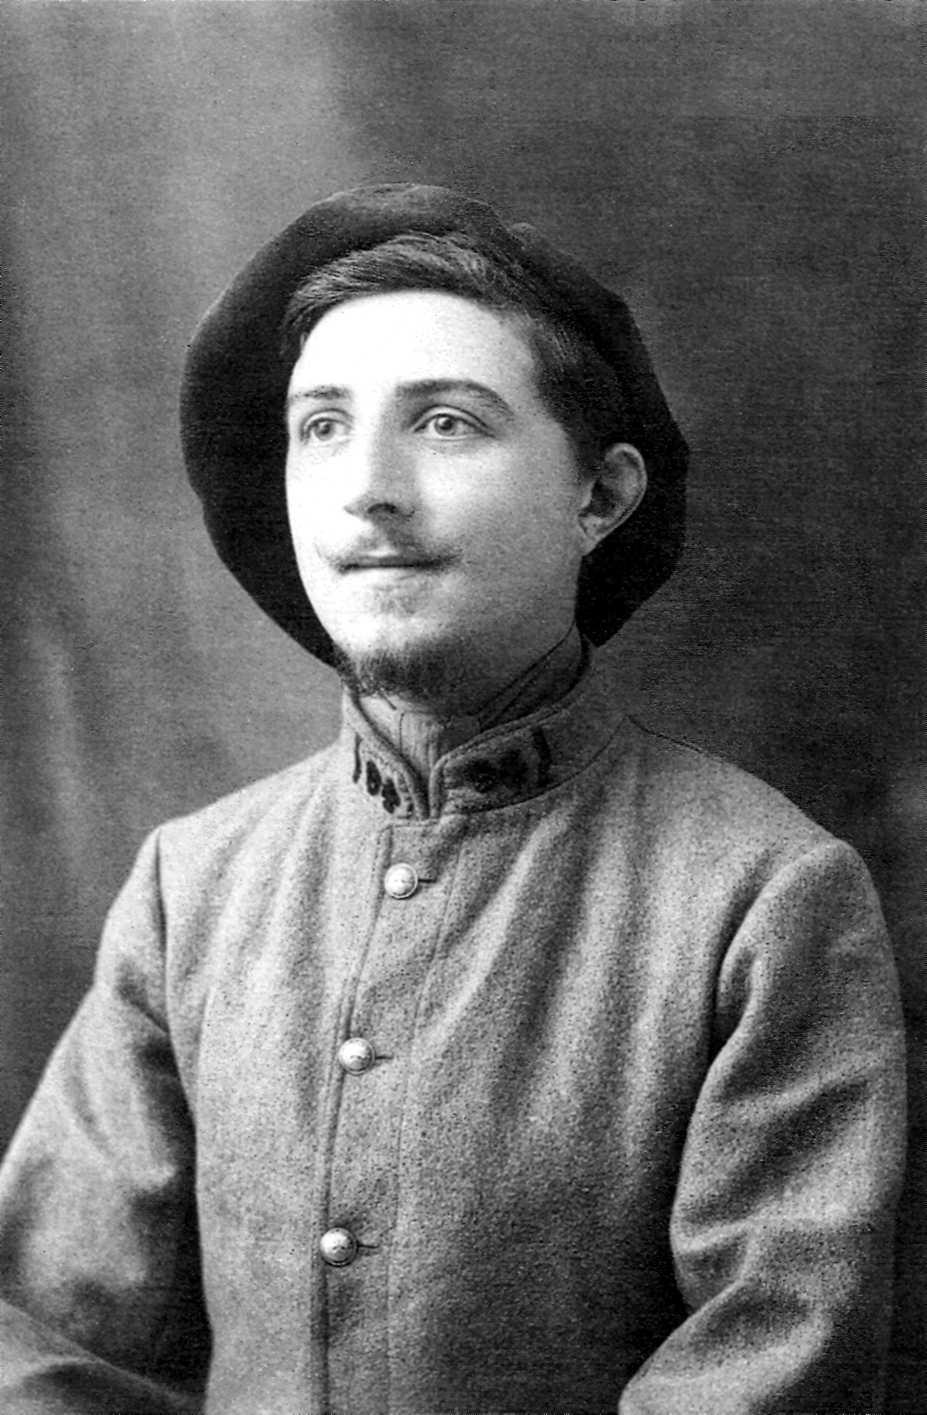 Jacques Reclus, soldat del 94 Regiment d'Infanteria (1916)